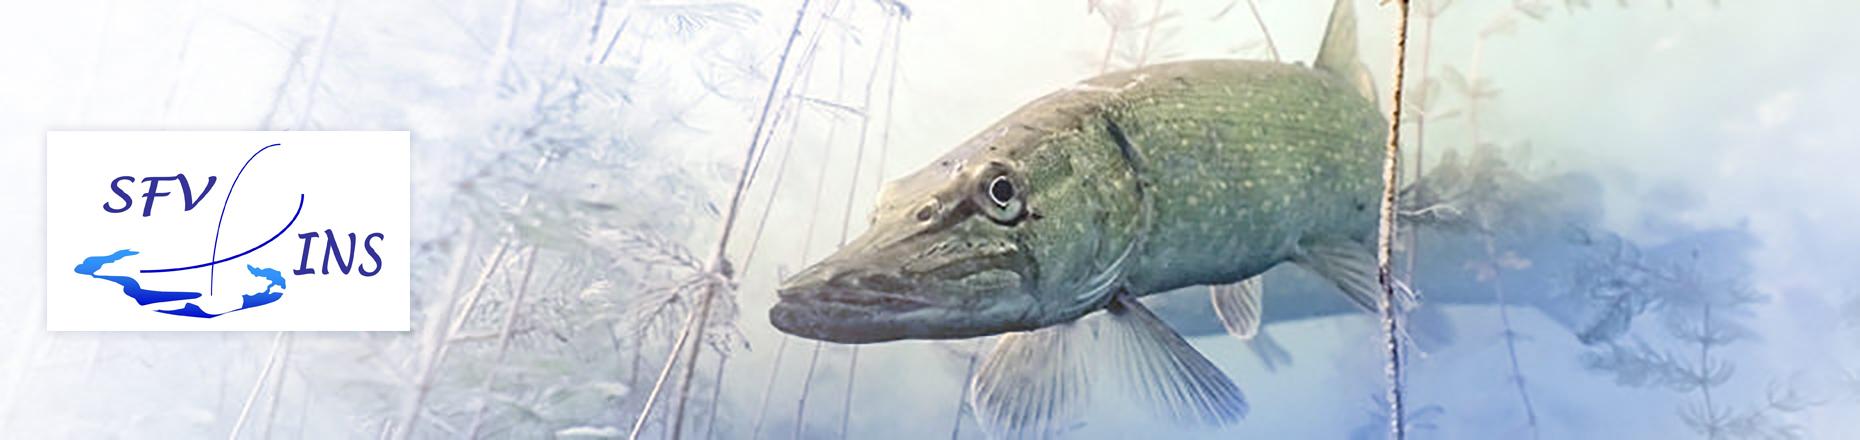 SFV INS Sportfischer-Verein Ins